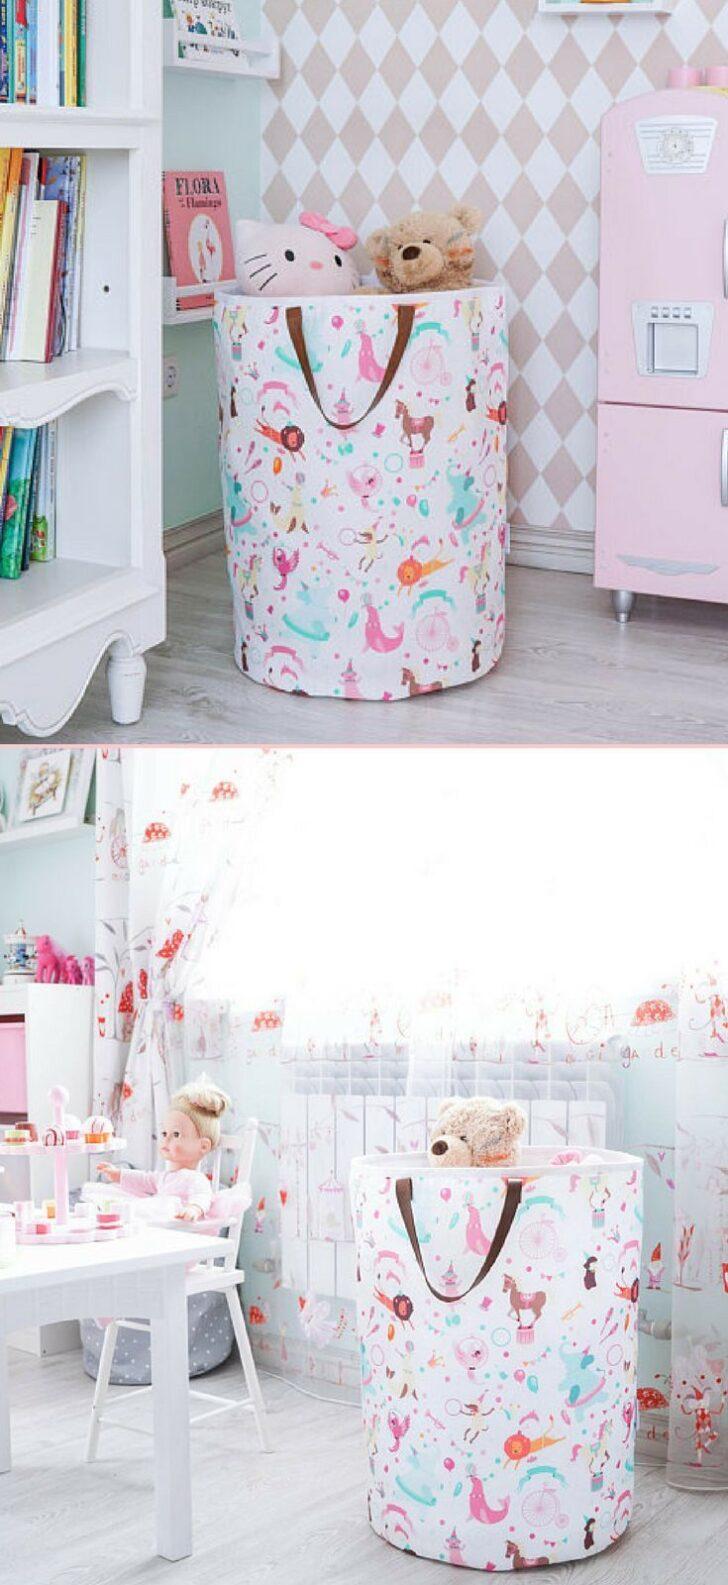 Medium Size of Mdchen Spielzeugkorb Sofa Kinderzimmer Regale Regal Weiß Kinderzimmer Wäschekorb Kinderzimmer